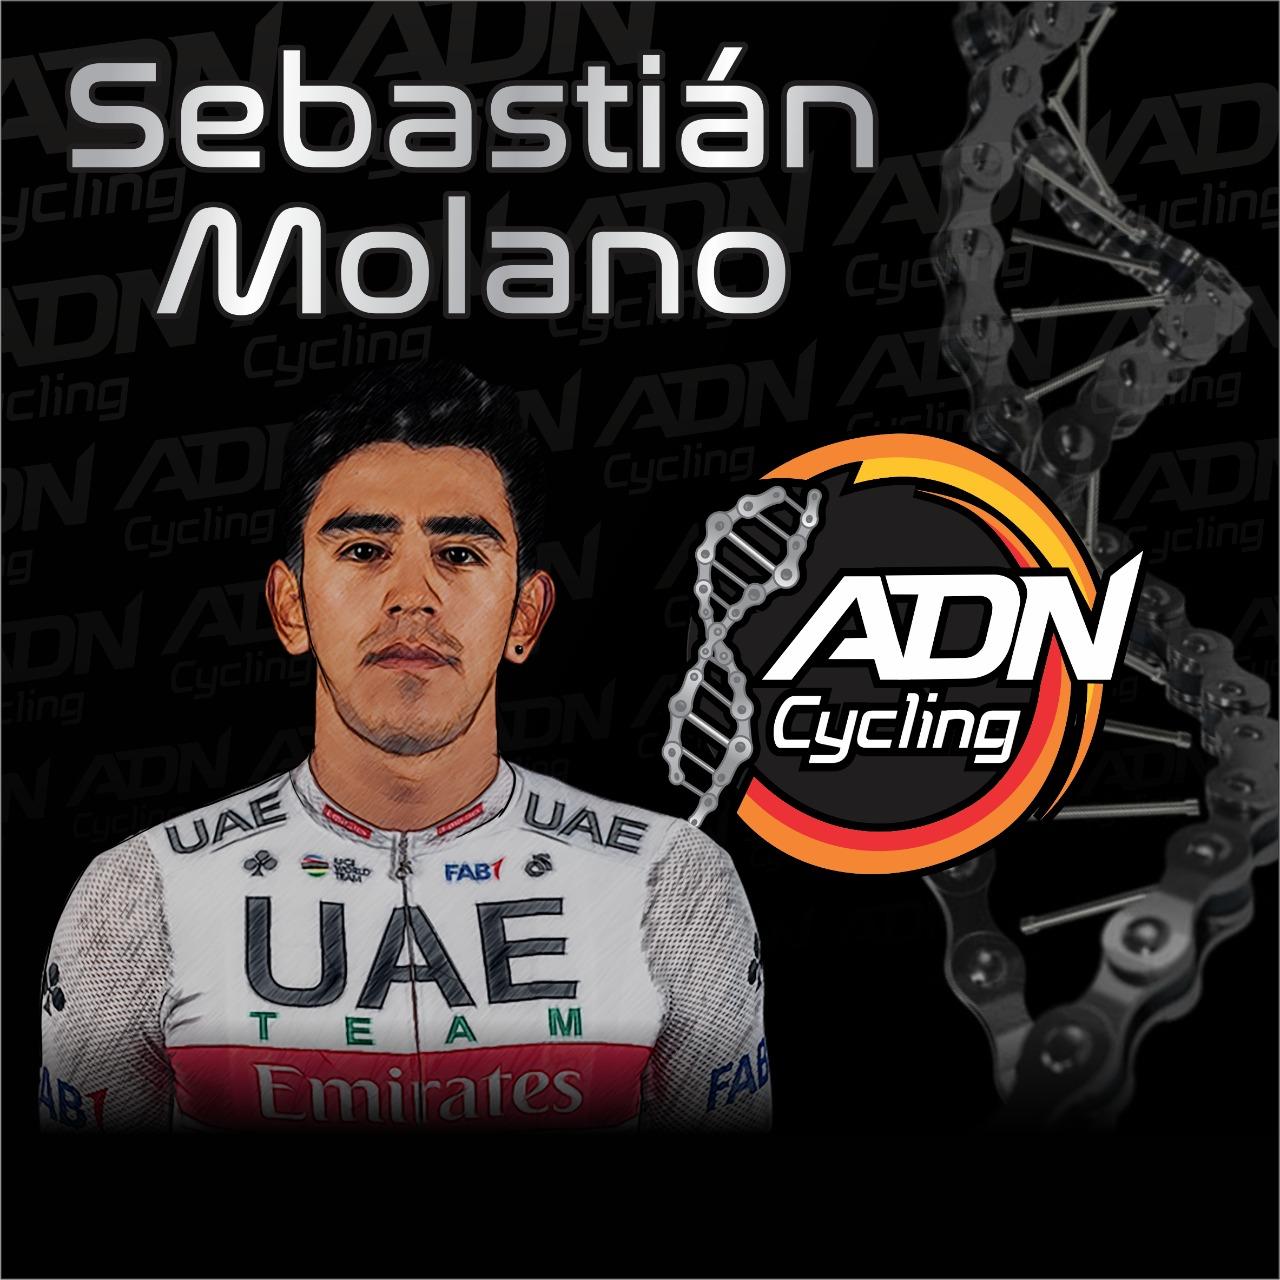 Sebastián Molano